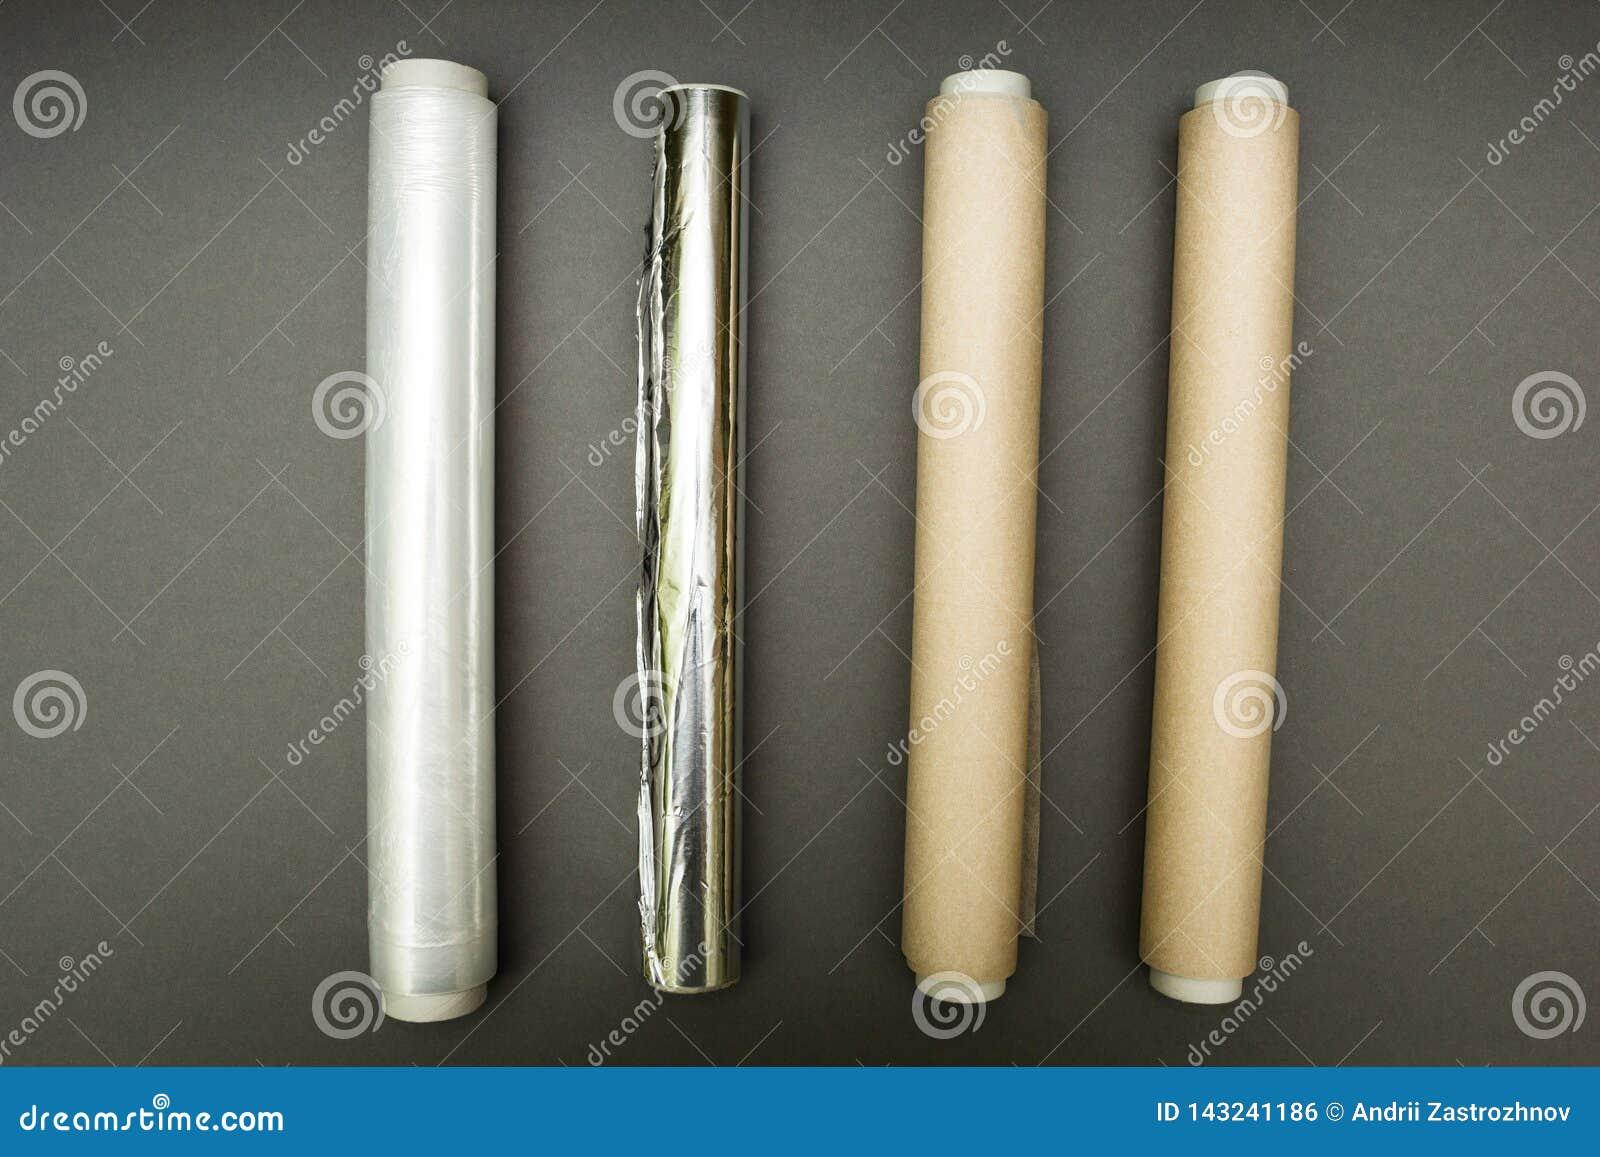 Πλαστικό περικάλυμμα, φύλλο αλουμινίου αργιλίου και ρόλος του εγγράφου περγαμηνής για το γκρίζο υπόβαθρο